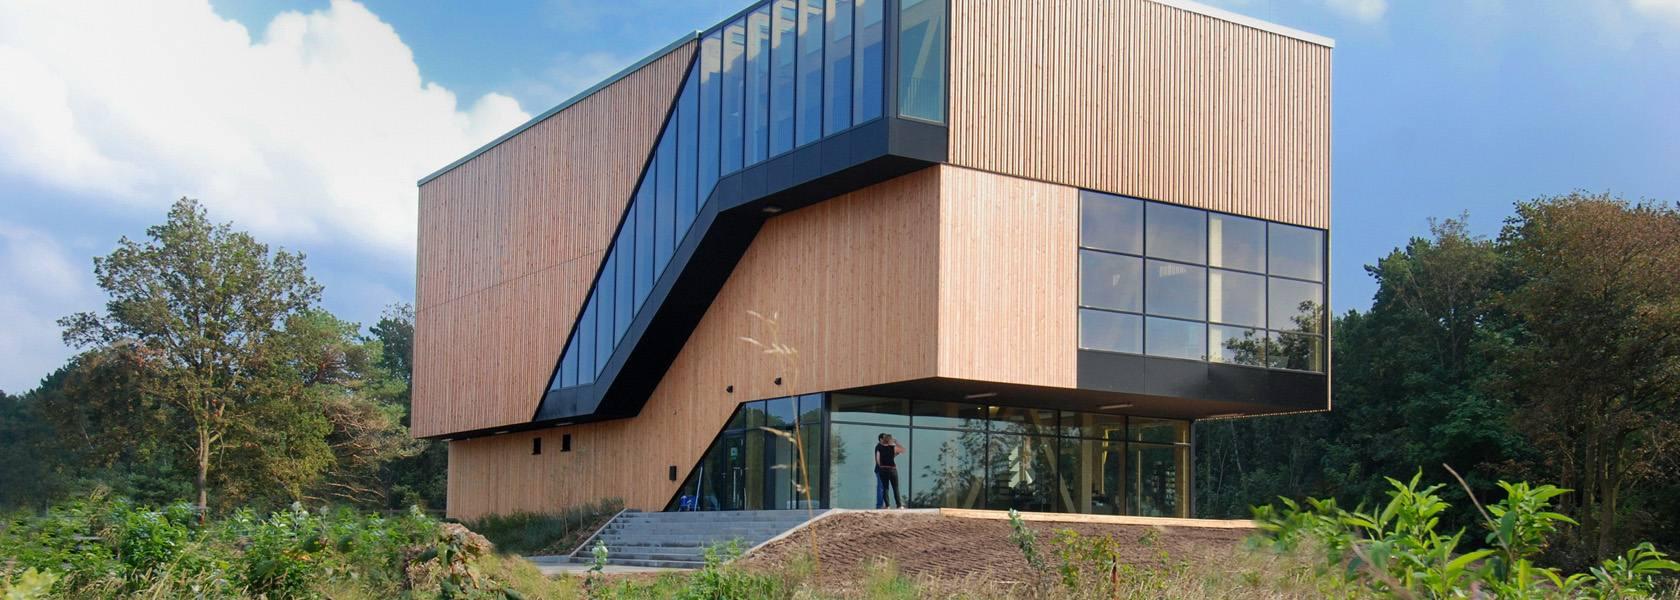 Wattenmeer-Besucherzentrum Cuxhaven, © Bernd Schlüsselburg